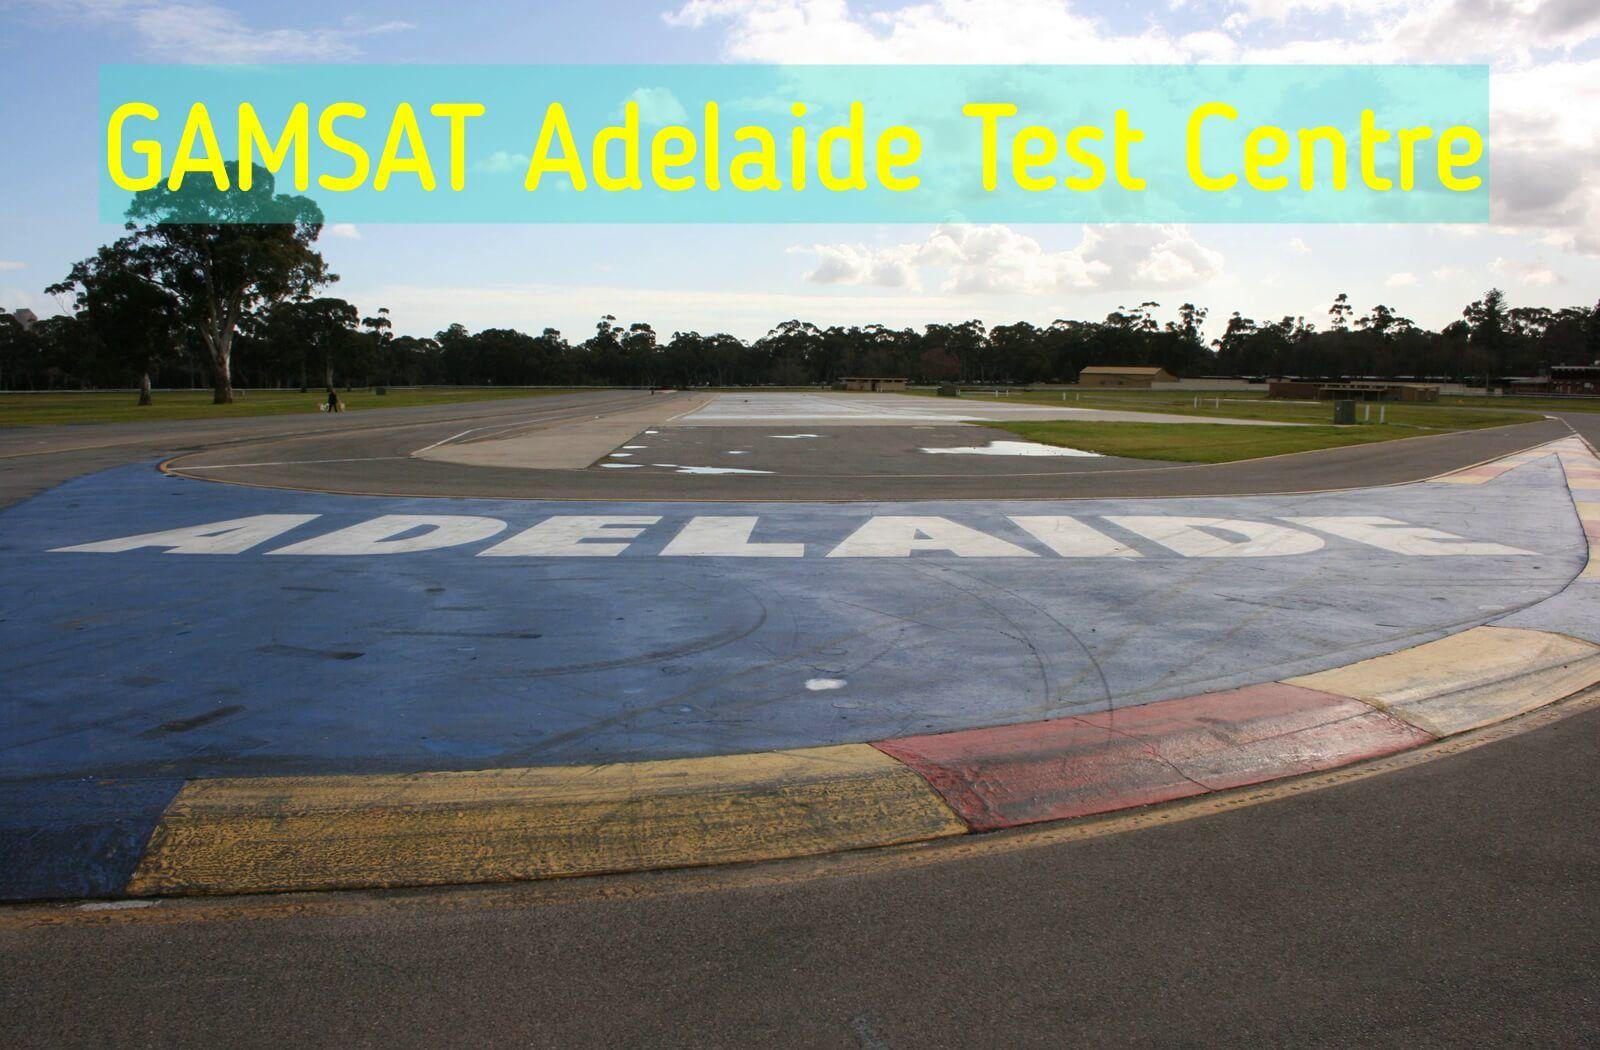 Where is GAMSAT held in Adelaide?